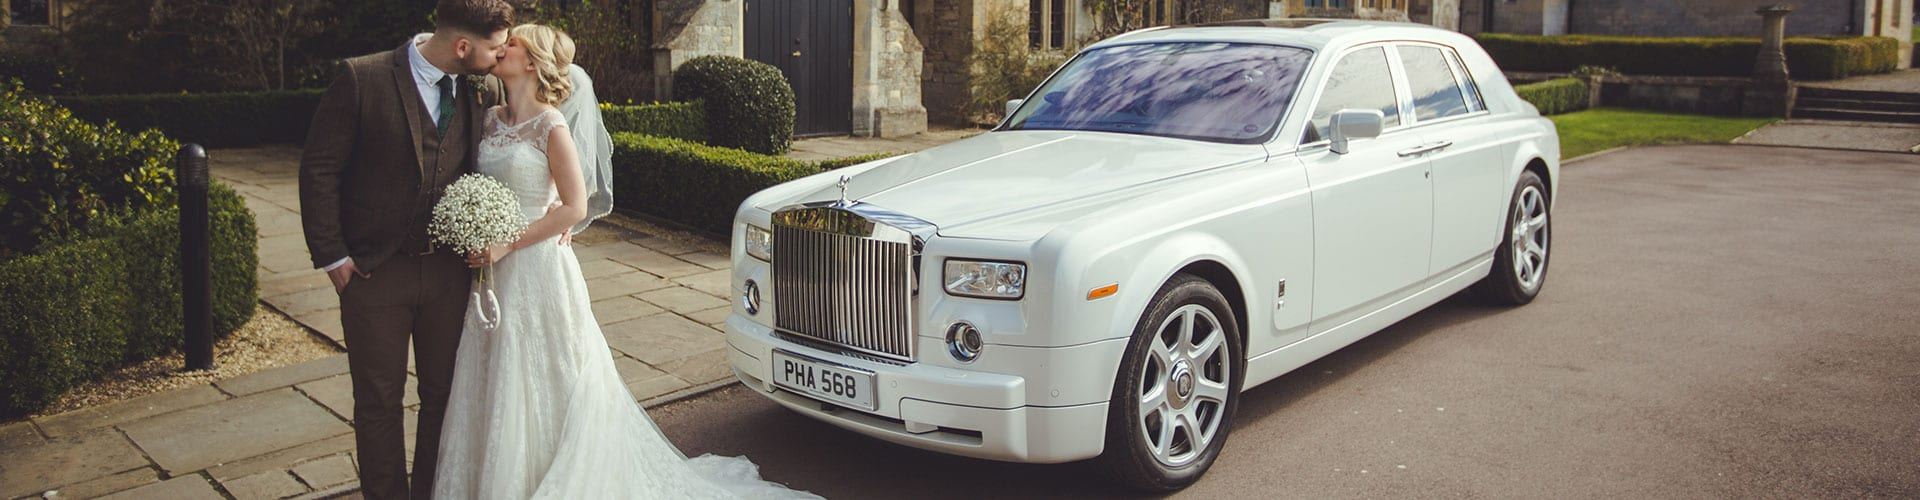 Rolls-Royce-Phantom-Hero-Slider-7